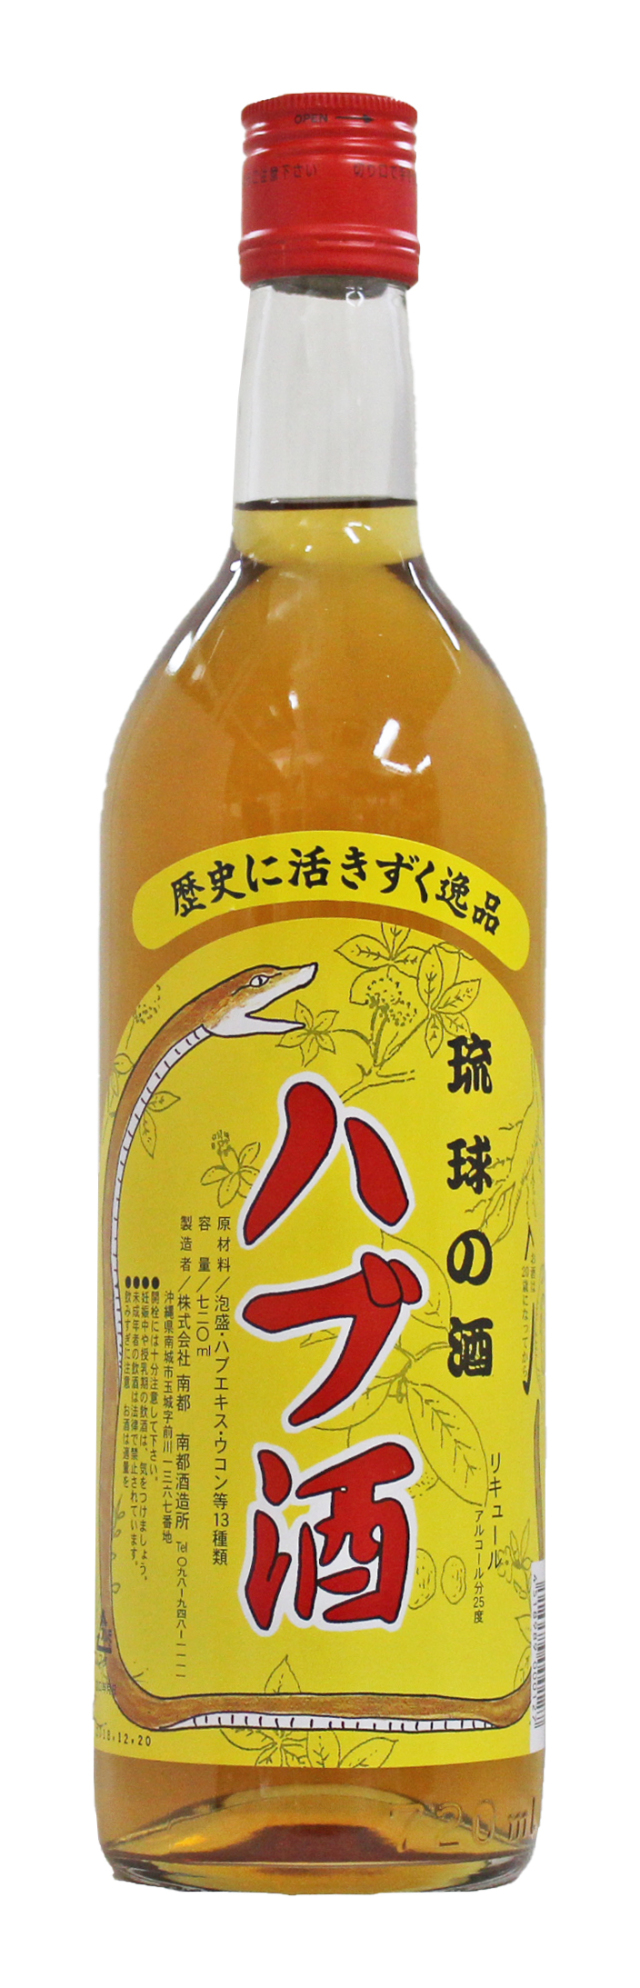 琉球の酒 ハブ酒 25度 720ml